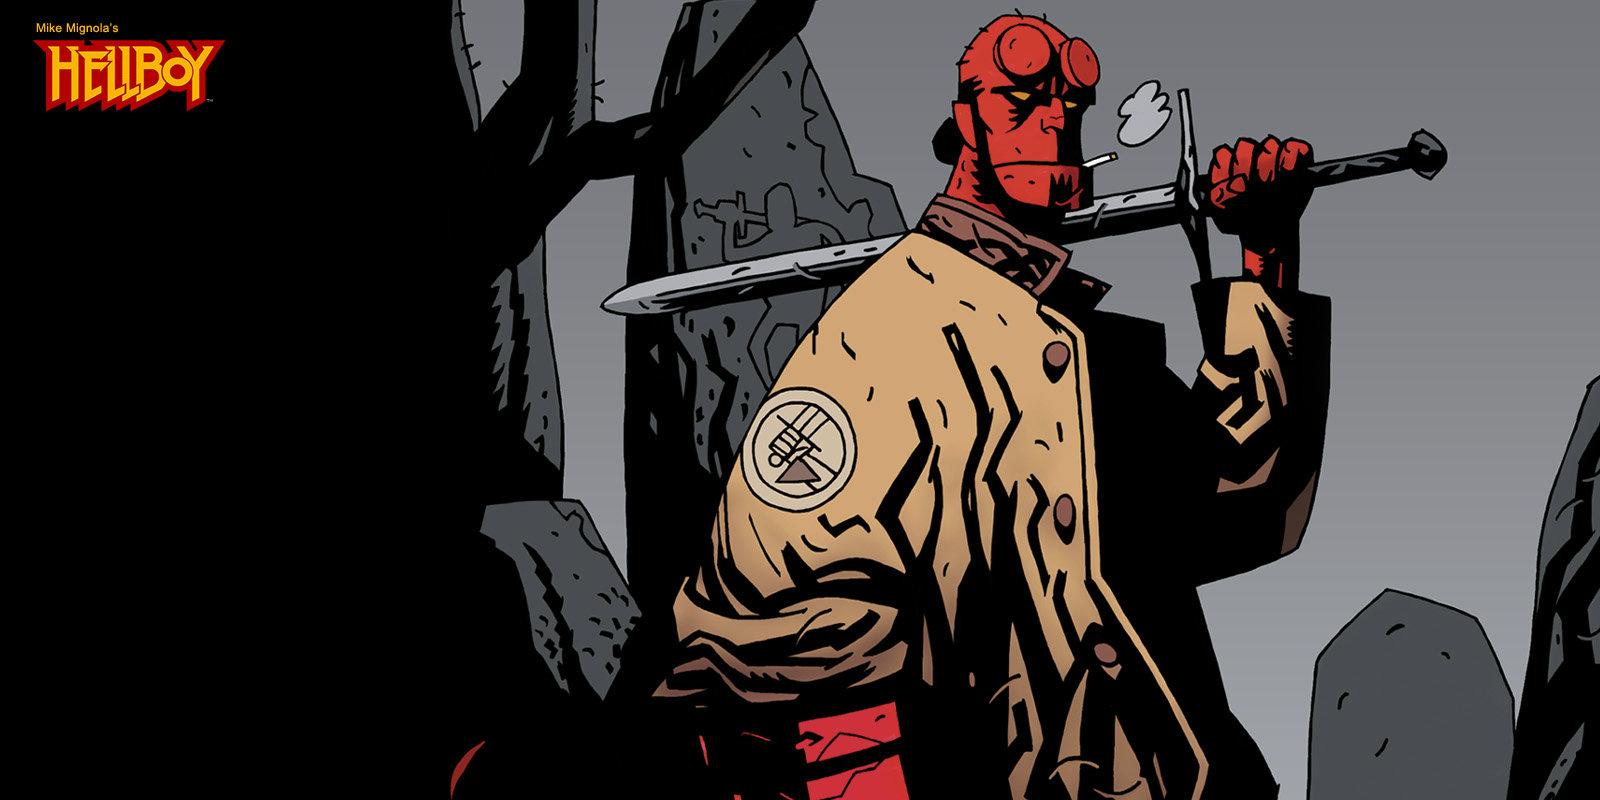 Resultado de imagen para Hellboy comic